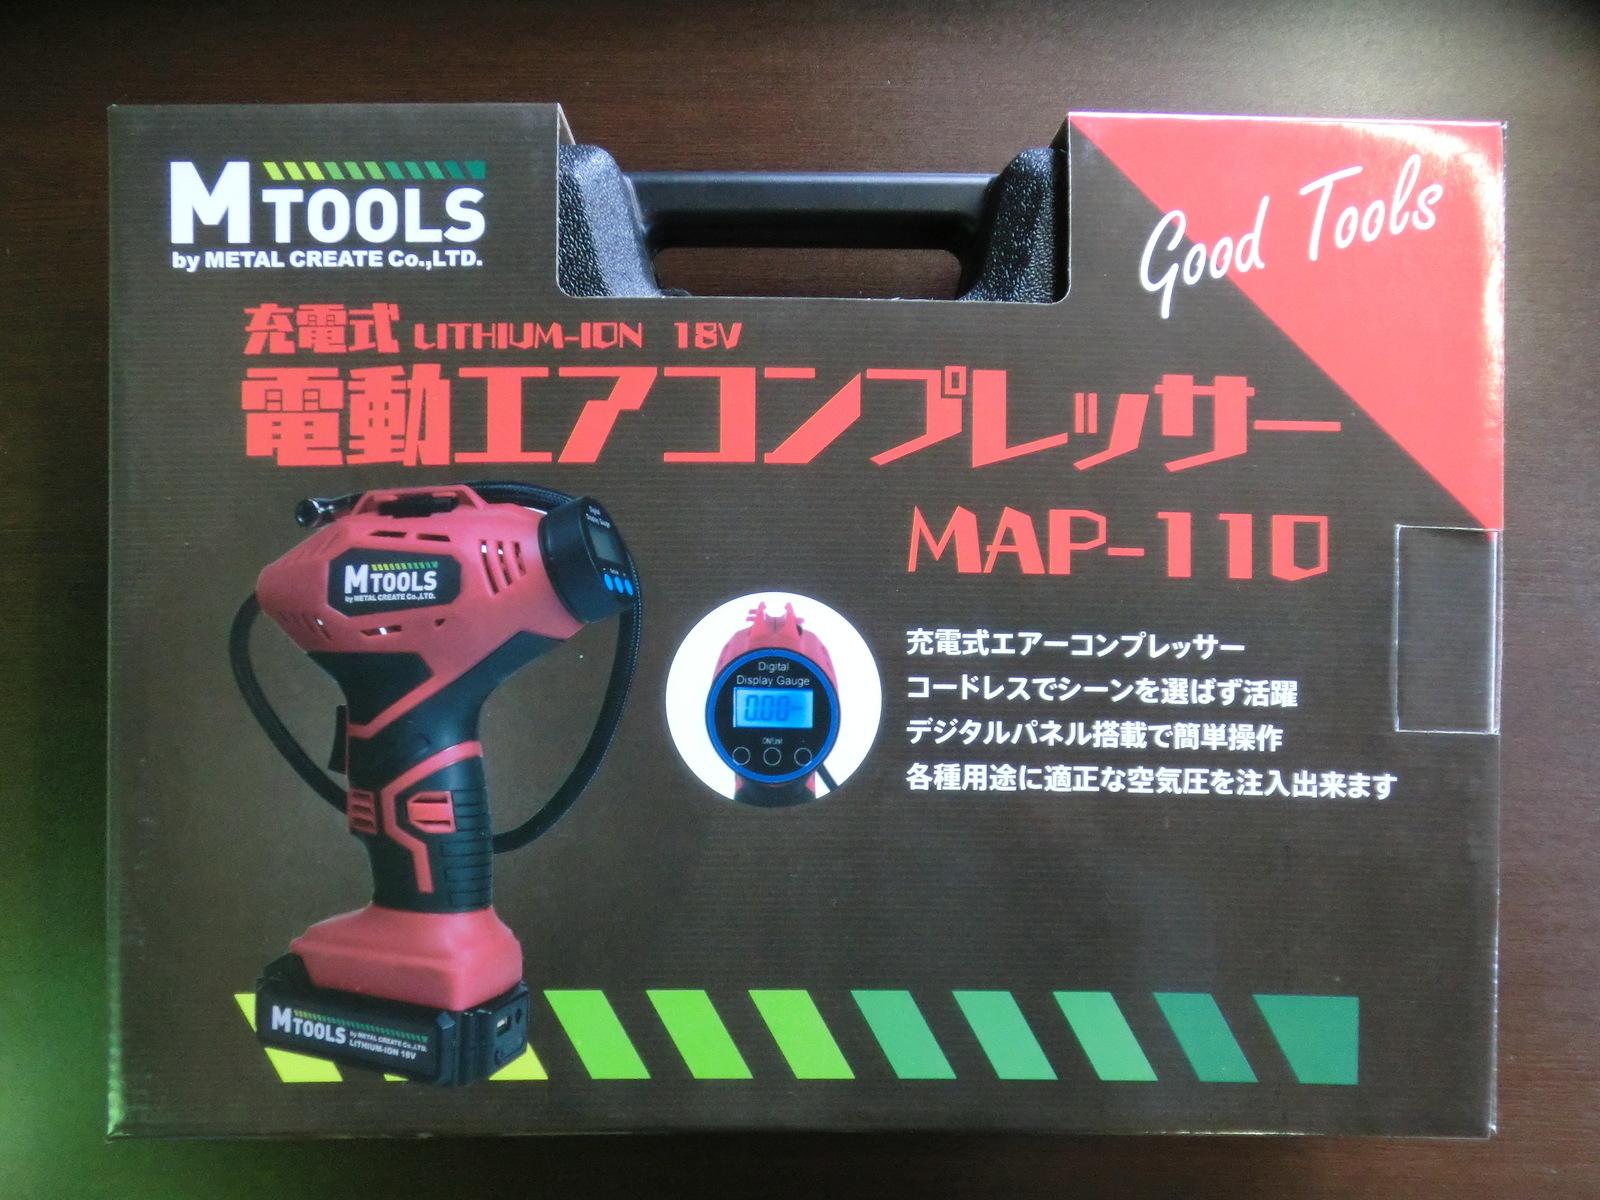 充電式電動エアーコンプレッサー(空気入用)MAP-110コードレスでシーンを選ばす活躍します!デジタルパネル搭載で簡単操作!